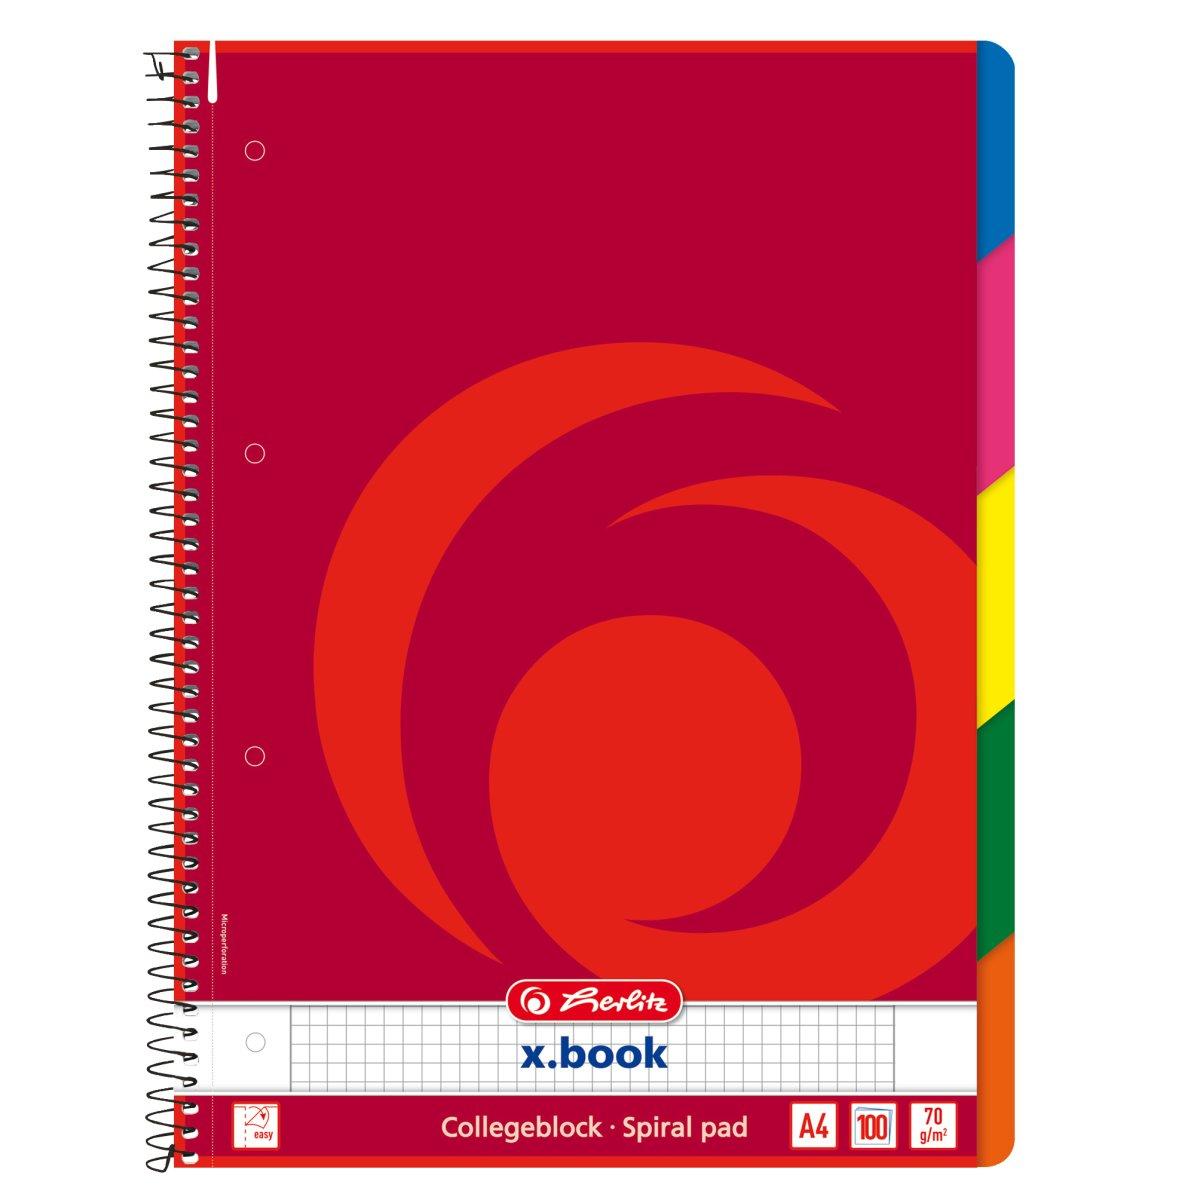 Herlitz 296491 - Collegeblock - x-book - DIN A4 - karriert - 100 Blatt - Rot